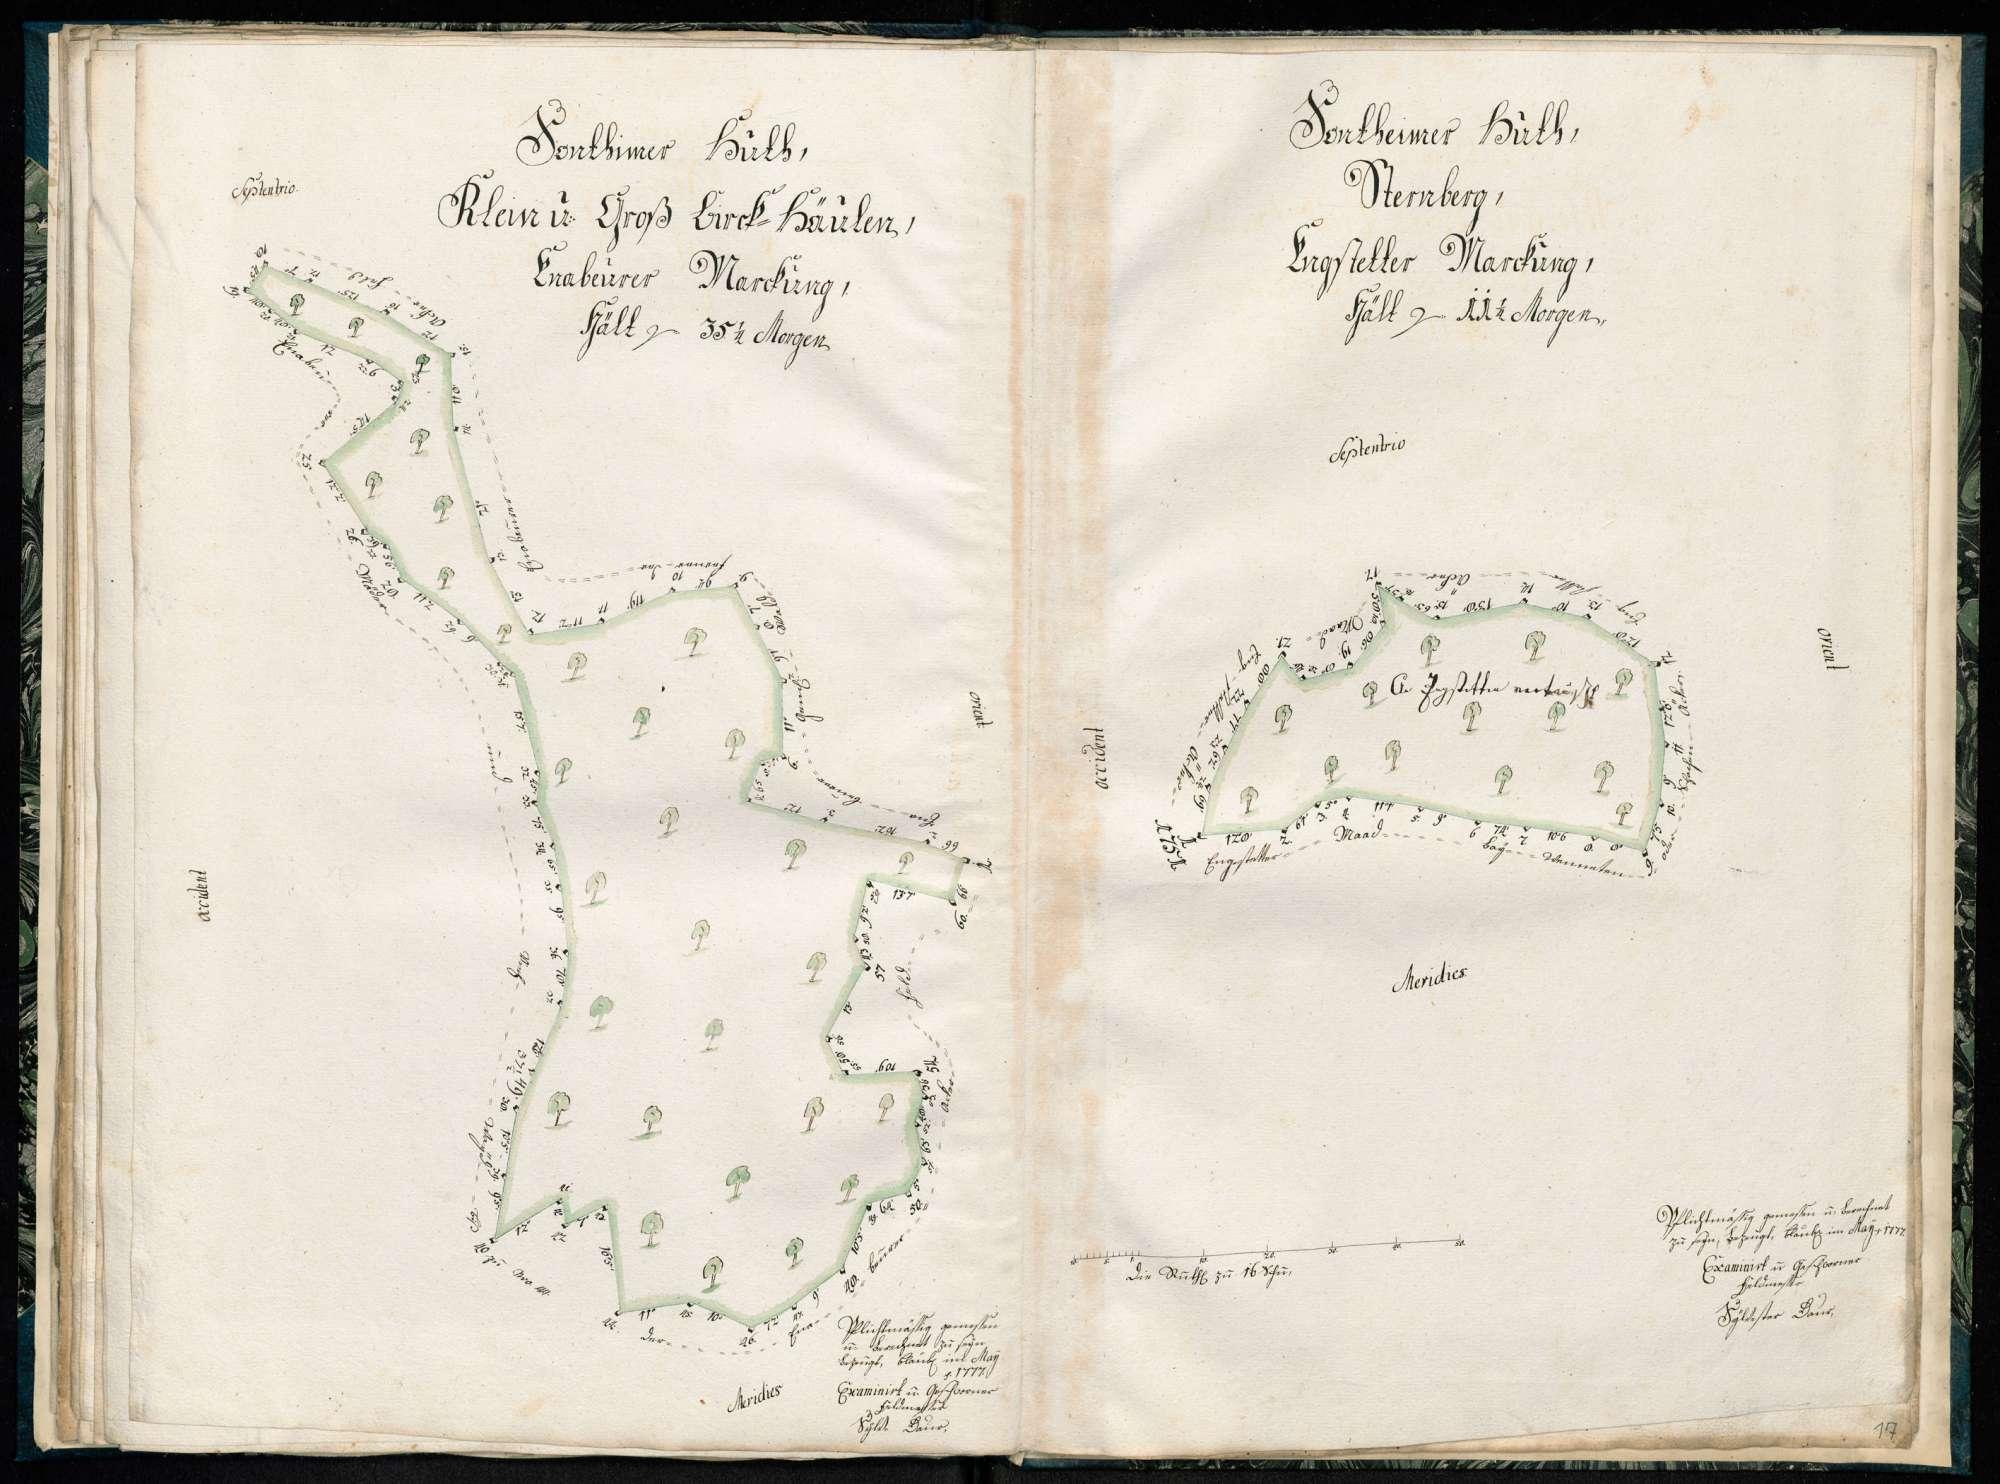 """""""Sontheimer Hut, Birkach, liegt in Ennabeurer und Sontheimer Markung"""", Bild 1"""